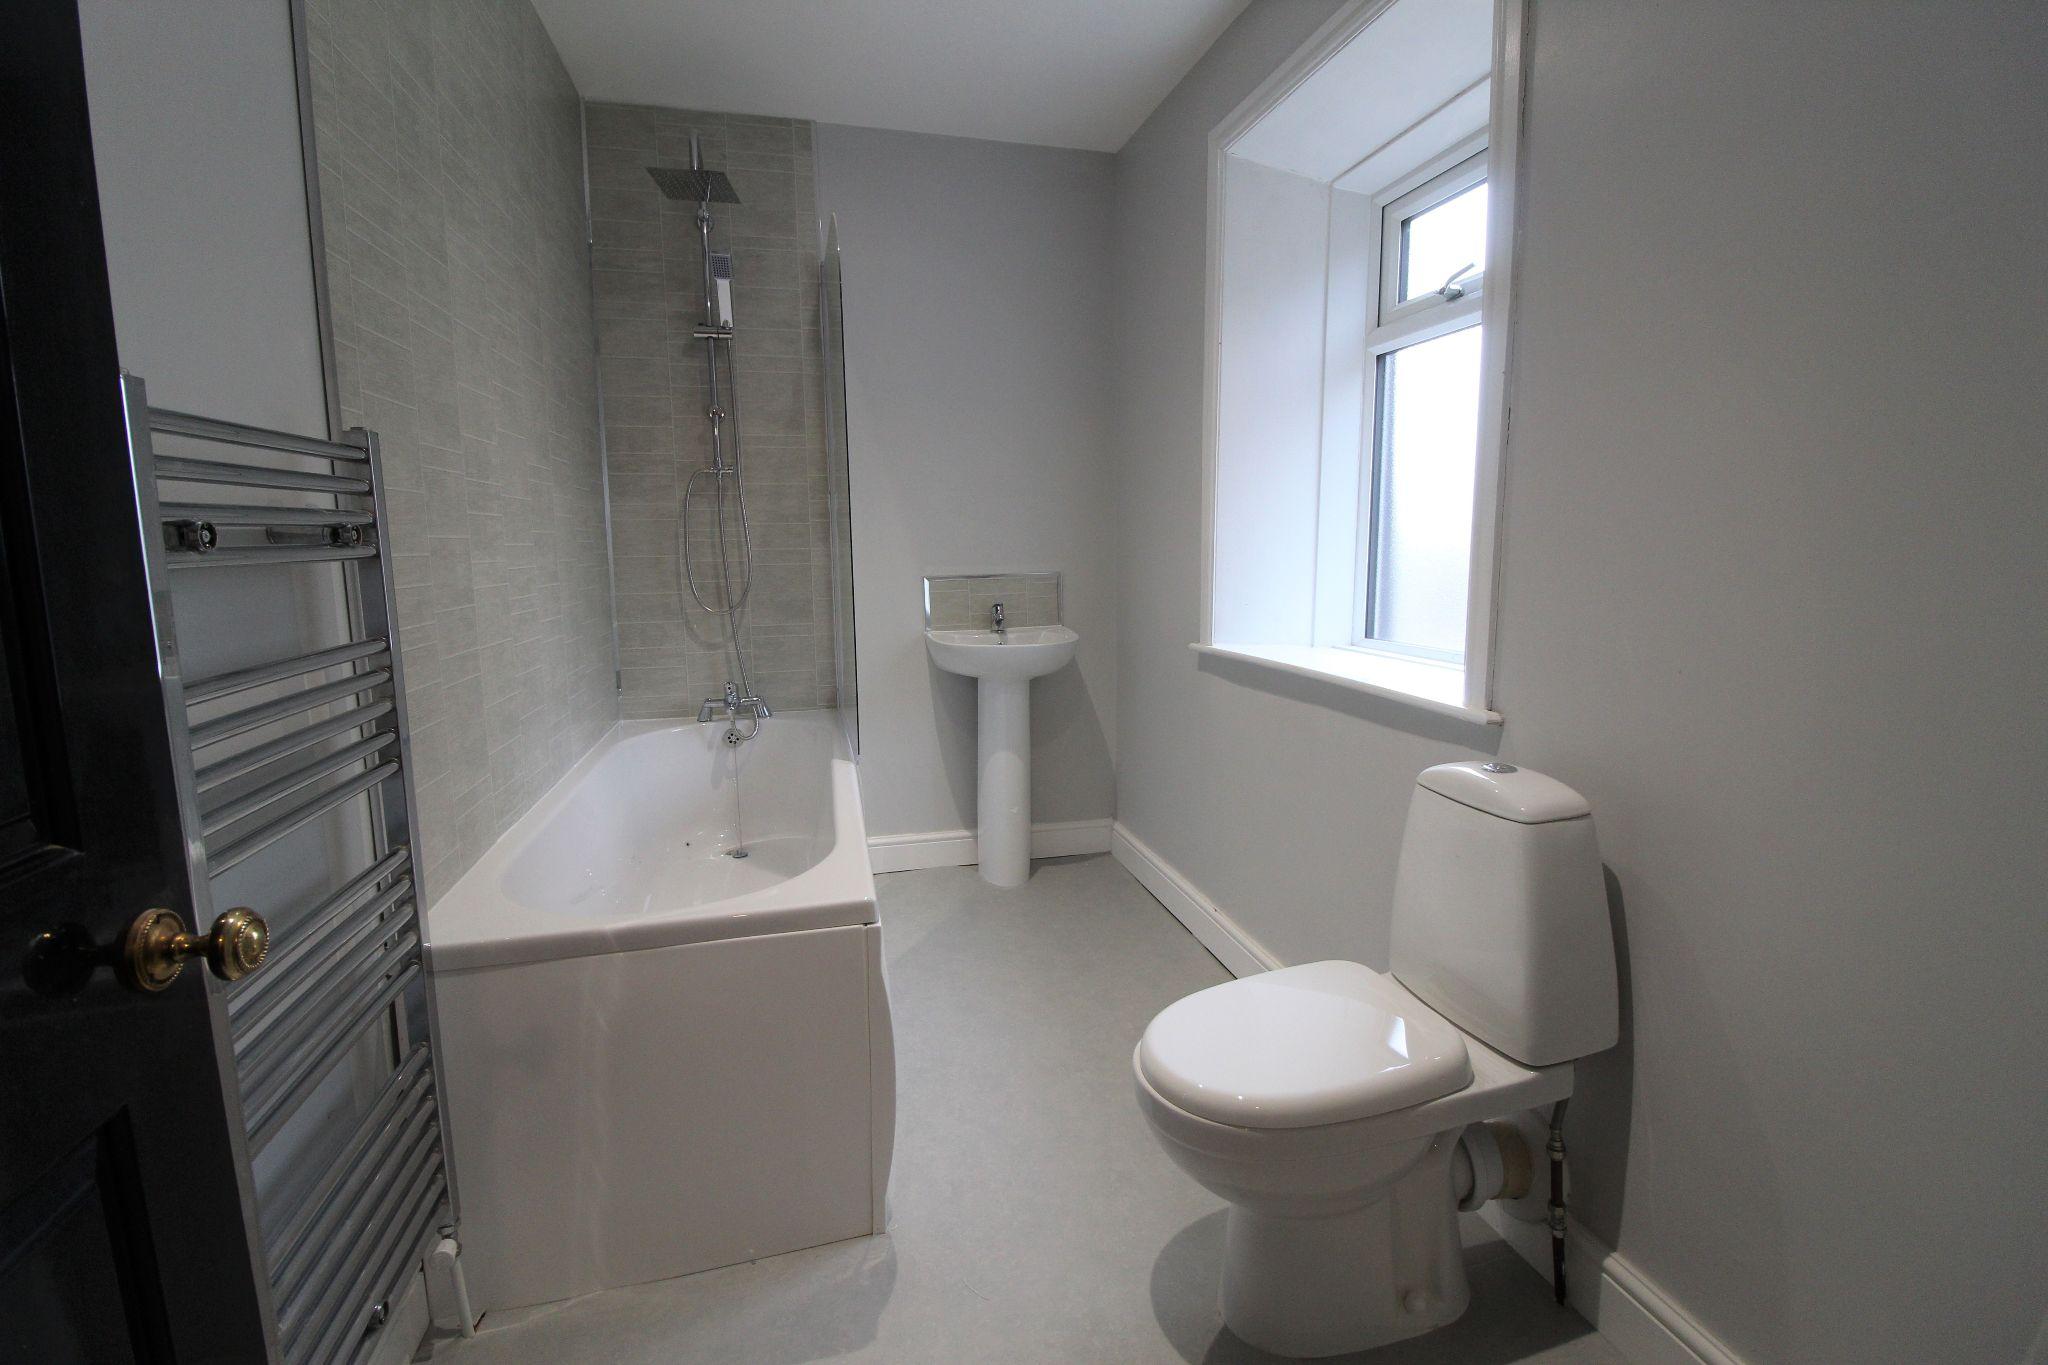 1 bedroom cottage house Let in Bradford - Bathroom